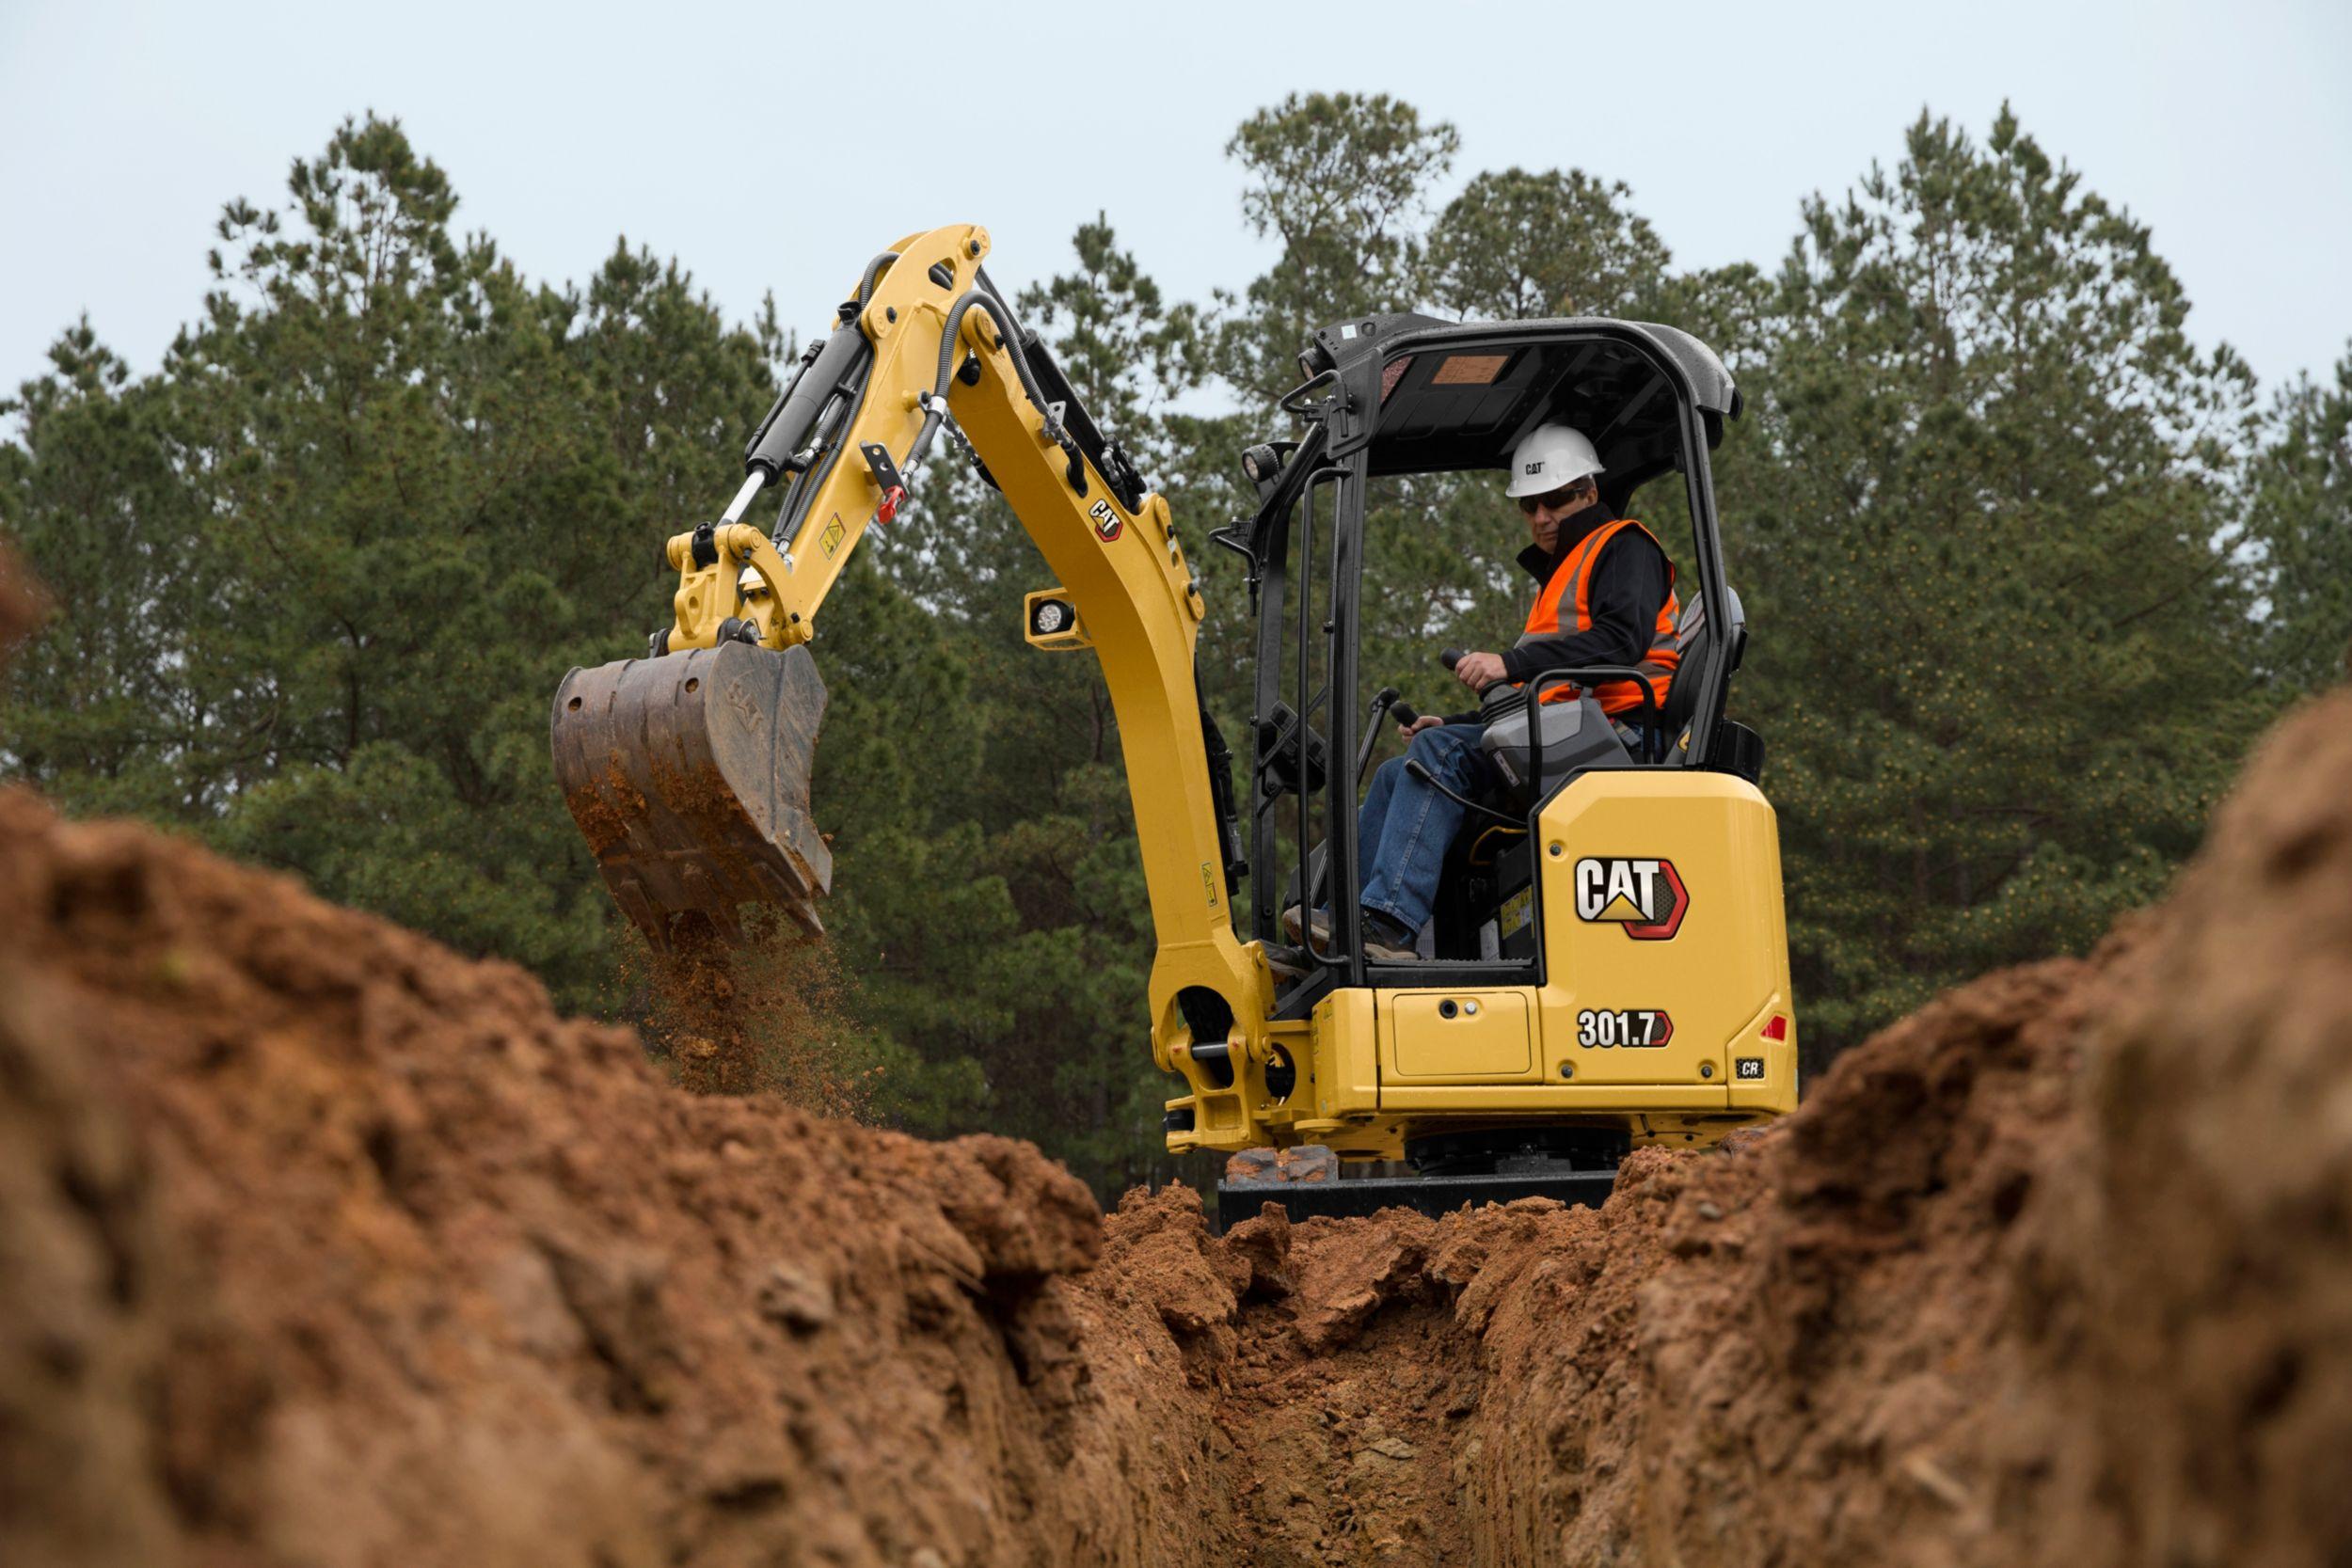 Cat 301.7 新一代迷你型挖掘机